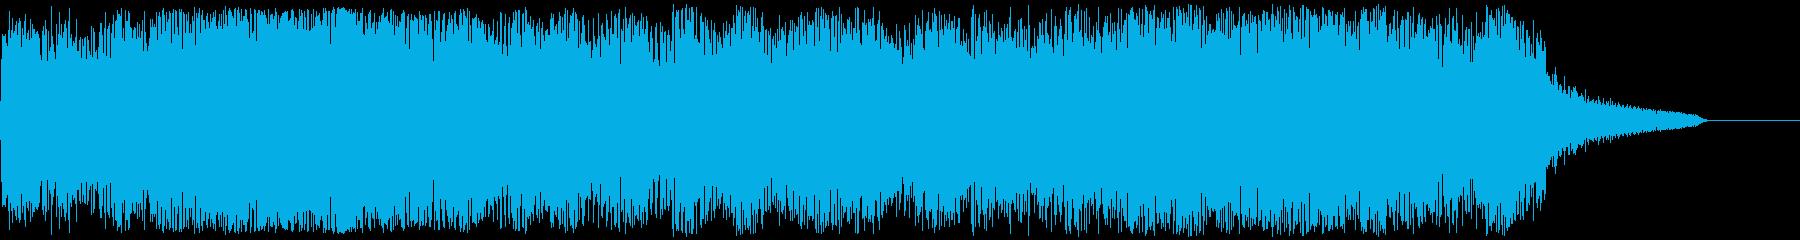 情熱的で没入型の新時代の合唱団と弦...の再生済みの波形